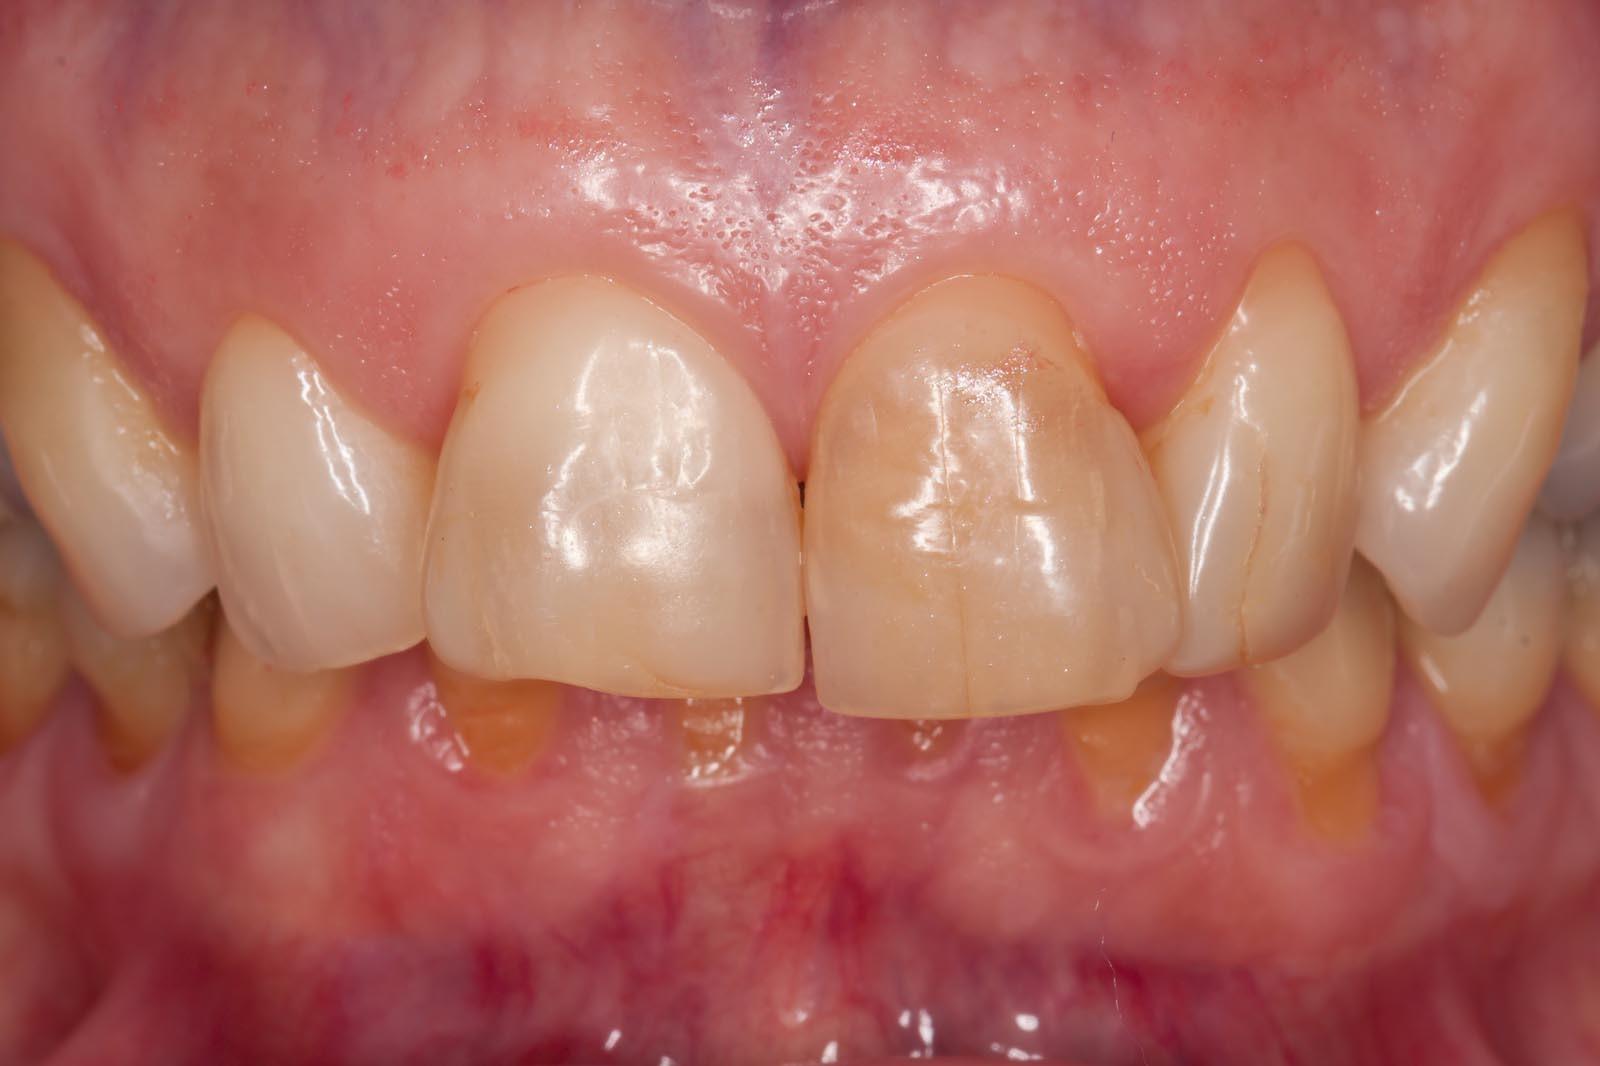 verfärbte, unregelmäßig und lückig stehende Zähne mit verfärbten Kompositaufbauten